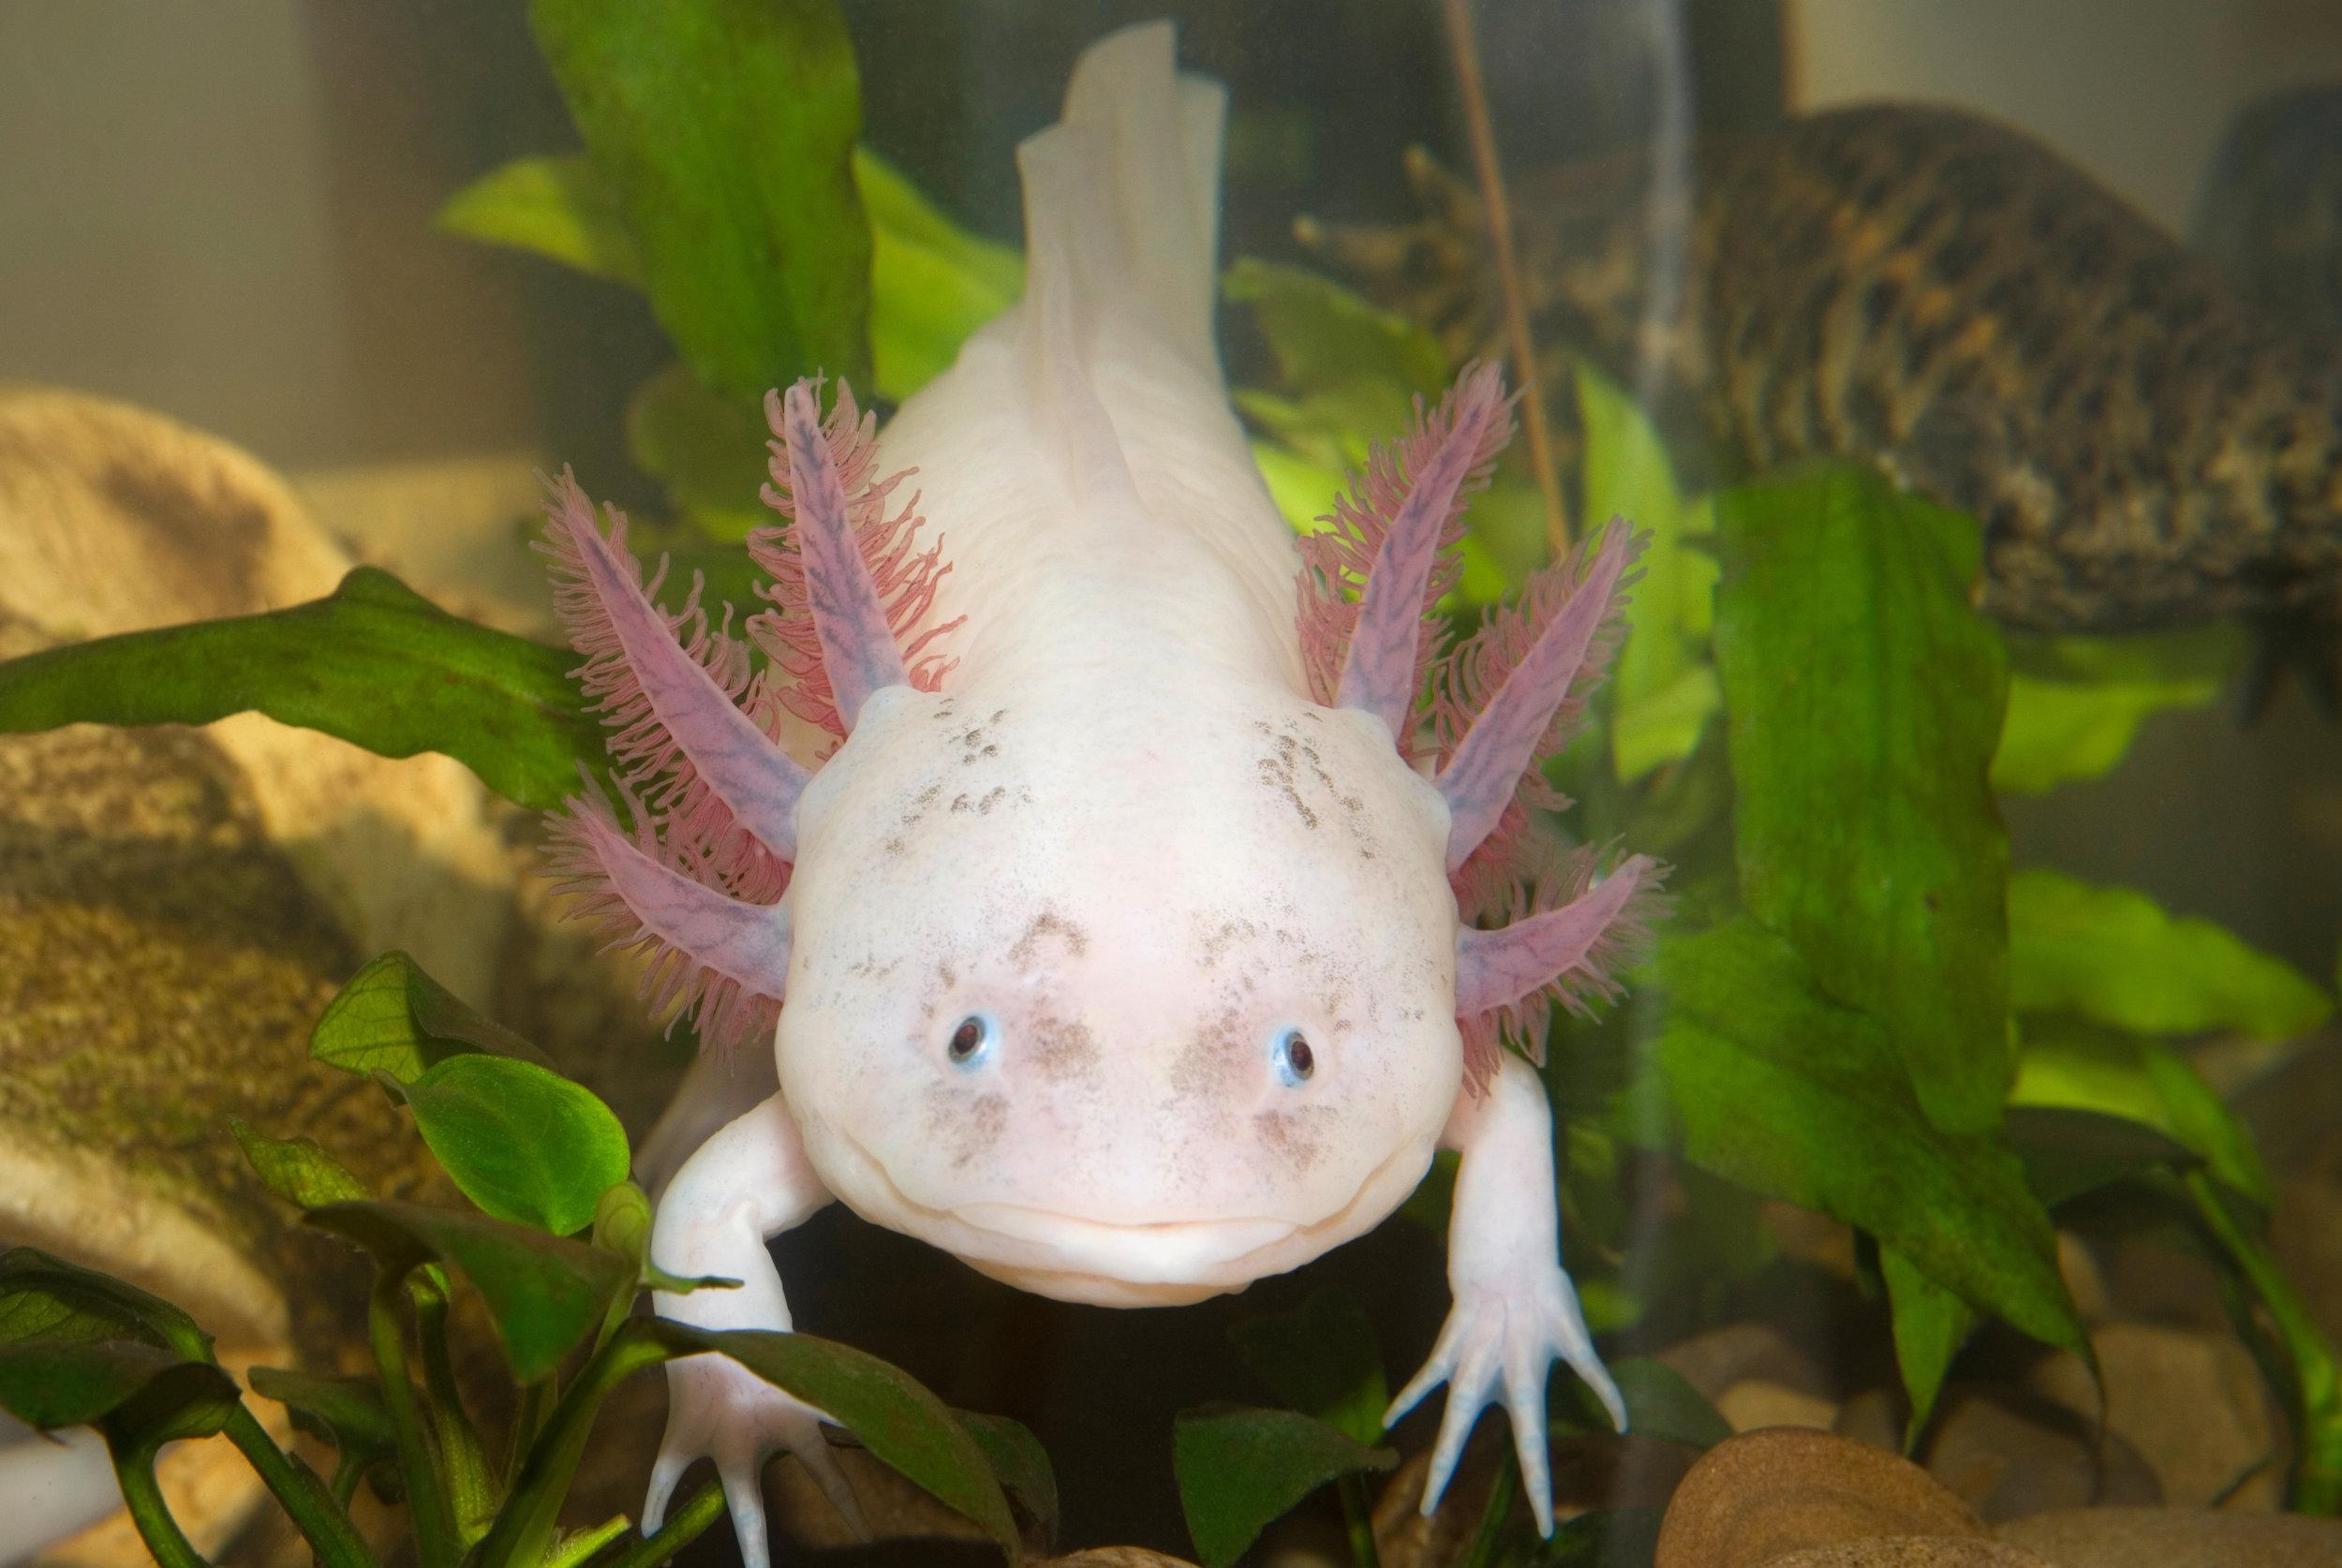 Este Pokémon de vida real se llama Axolotl y es una de las salamandras que tiene la capacidad de regenerar sus extremidades unas 15 veces.